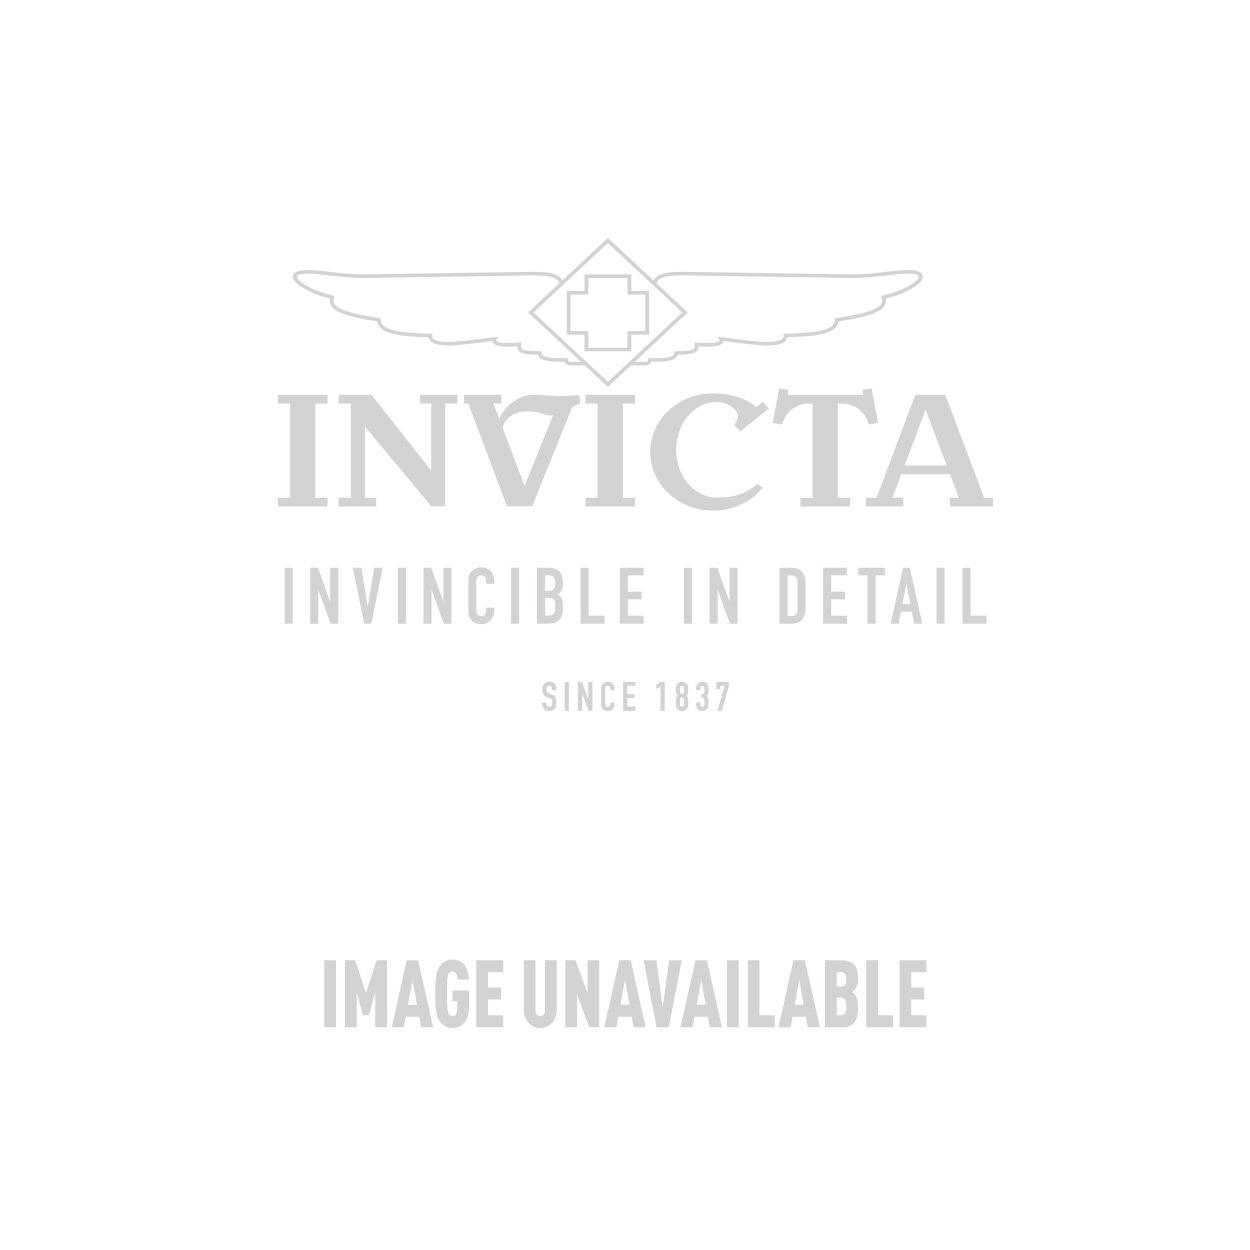 Invicta Model 27987